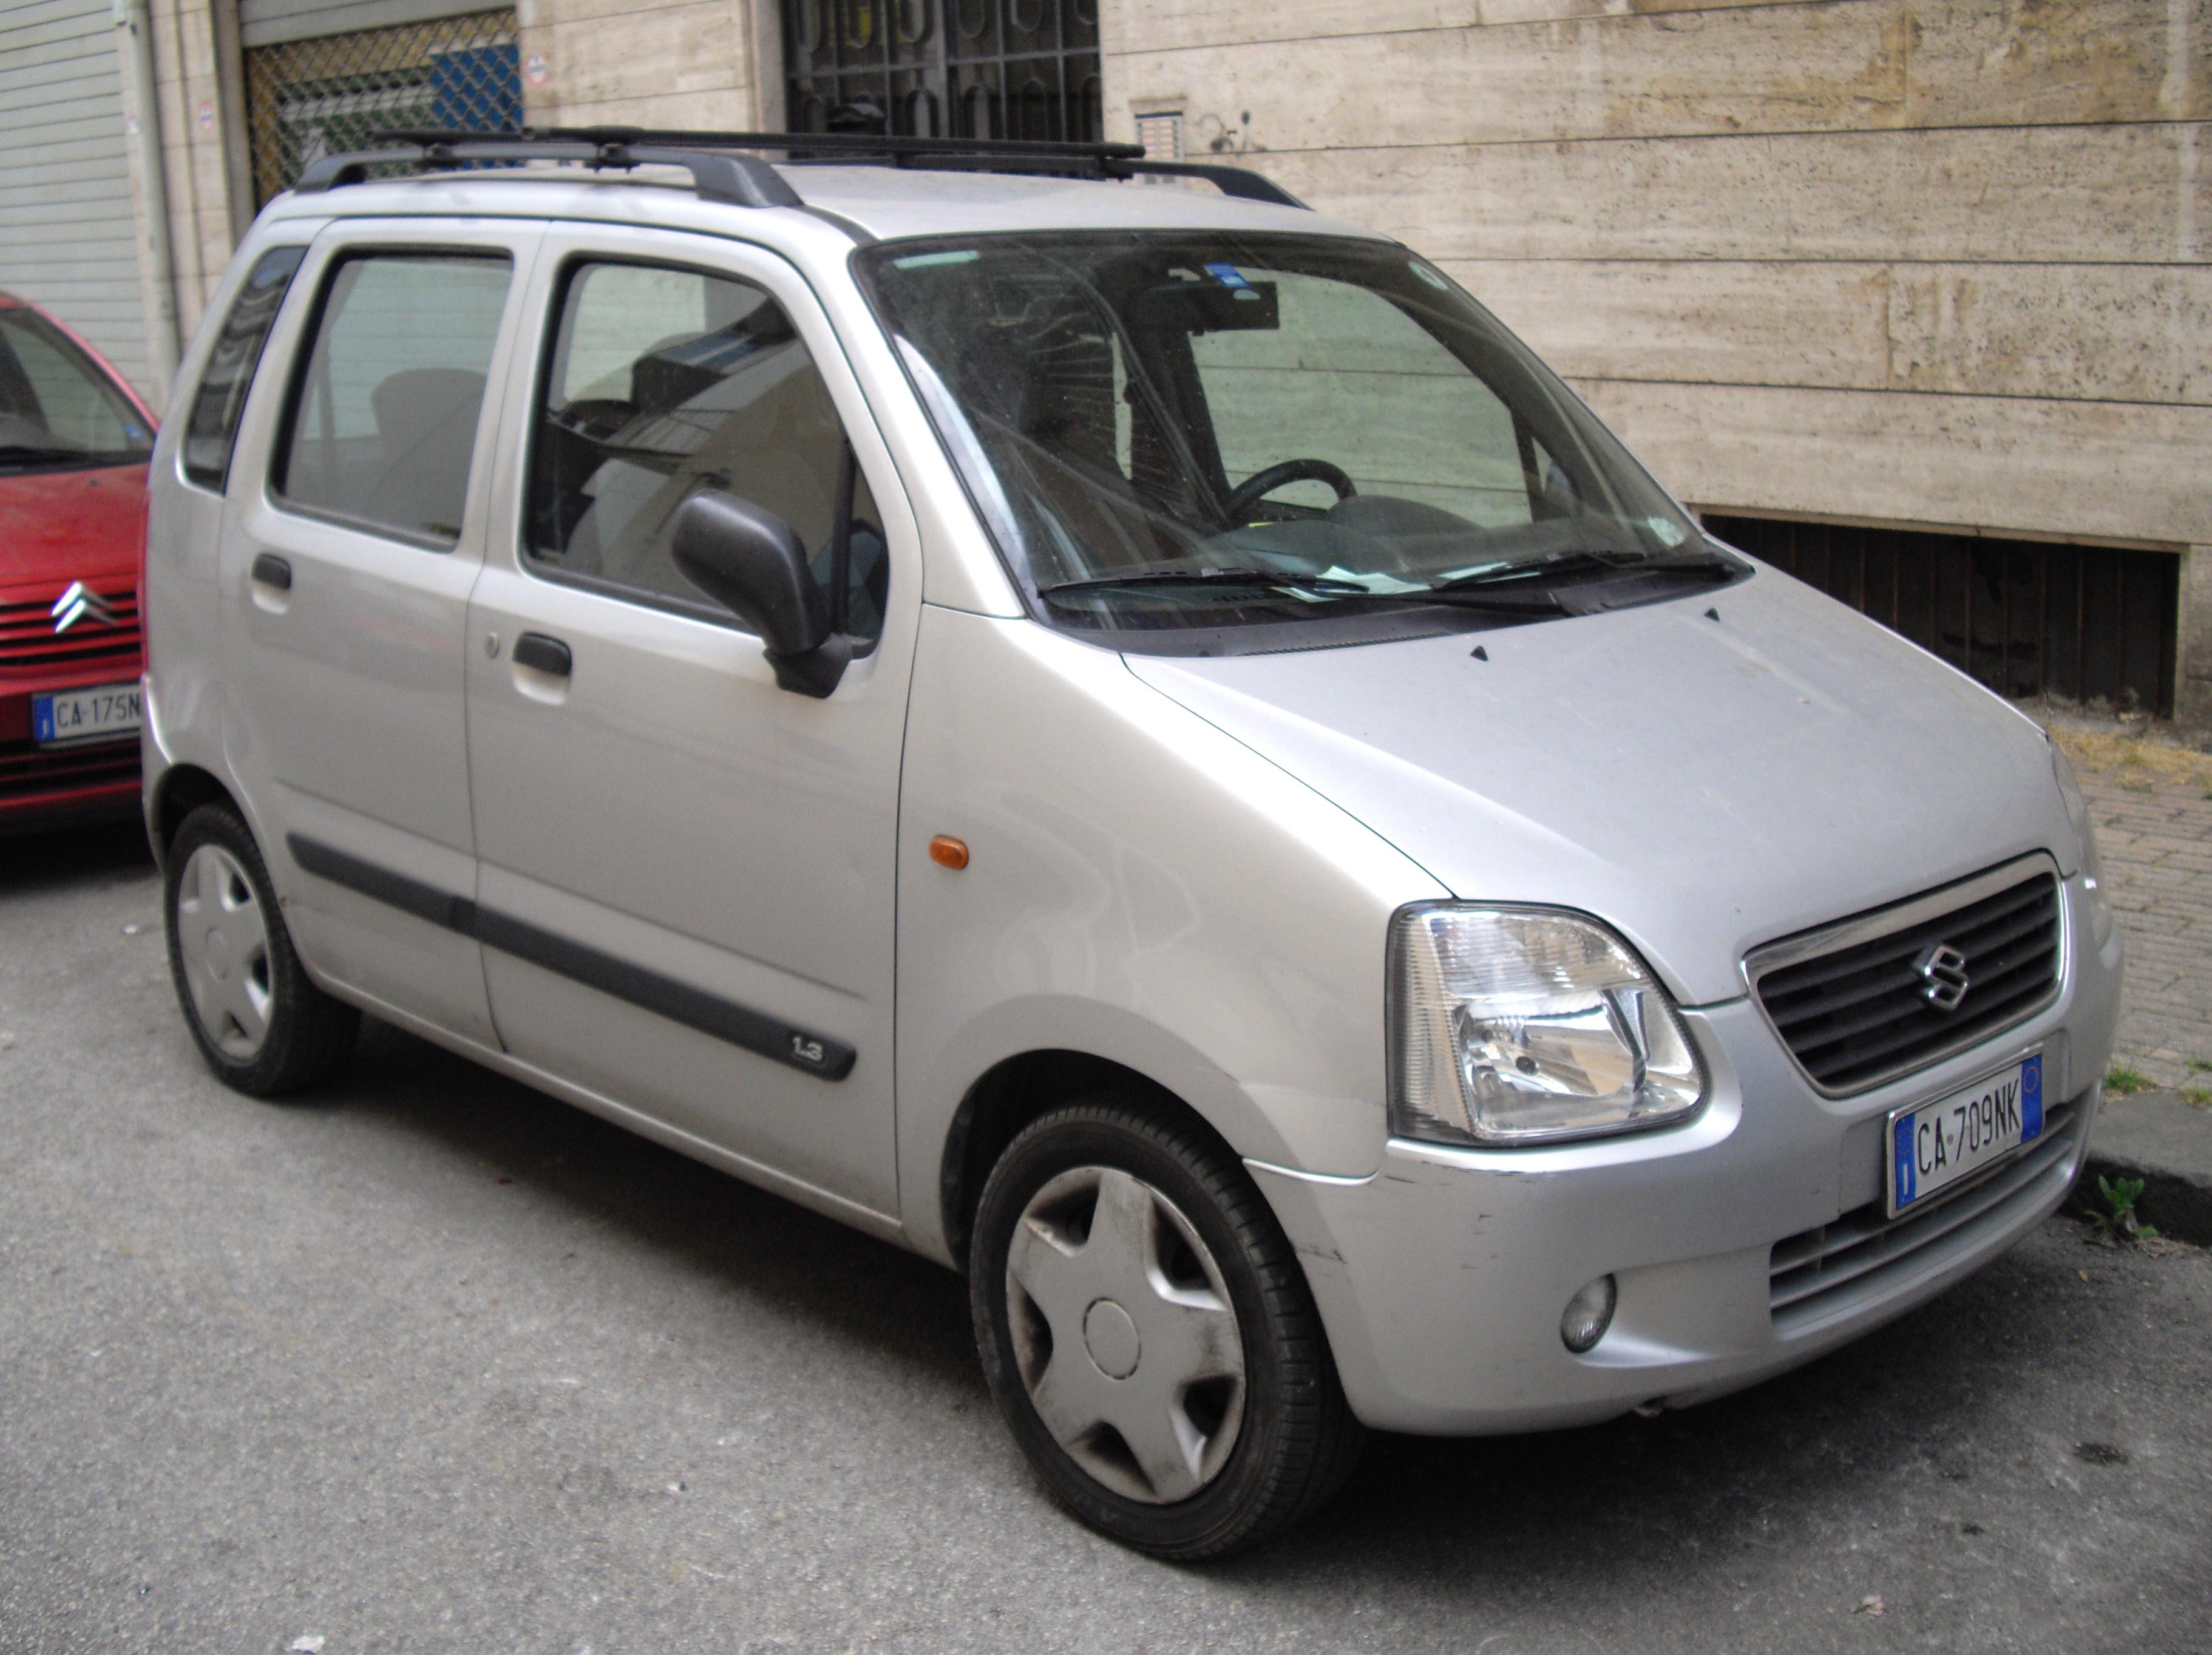 Leggi La Discussione Panda Np Twinair On The Road Mitsubishi Pajero 5 800 00 Modello Km 250 000 Anno 1997 11 1 Wagon R Di Mia Moglie